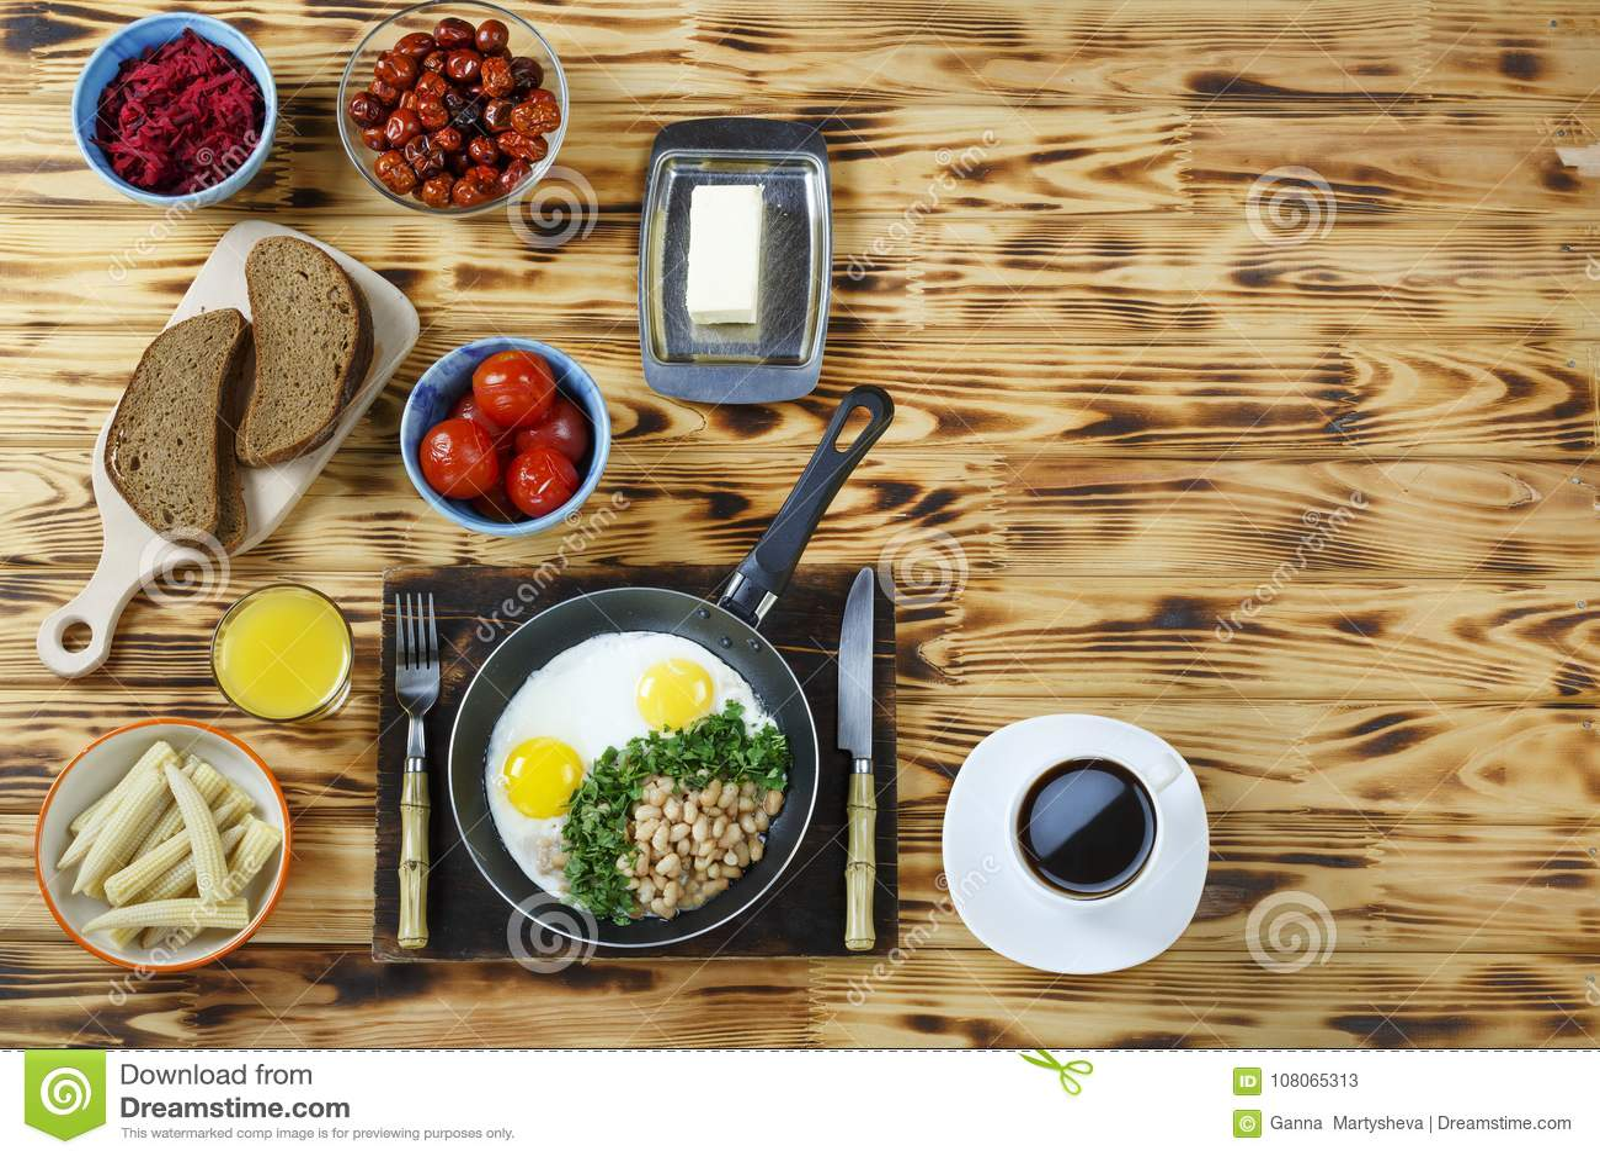 Nourriture végétarienne Divers plats de petit déjeuner végétarien et oeufs brouillés avec des haricots et verts sur une table en